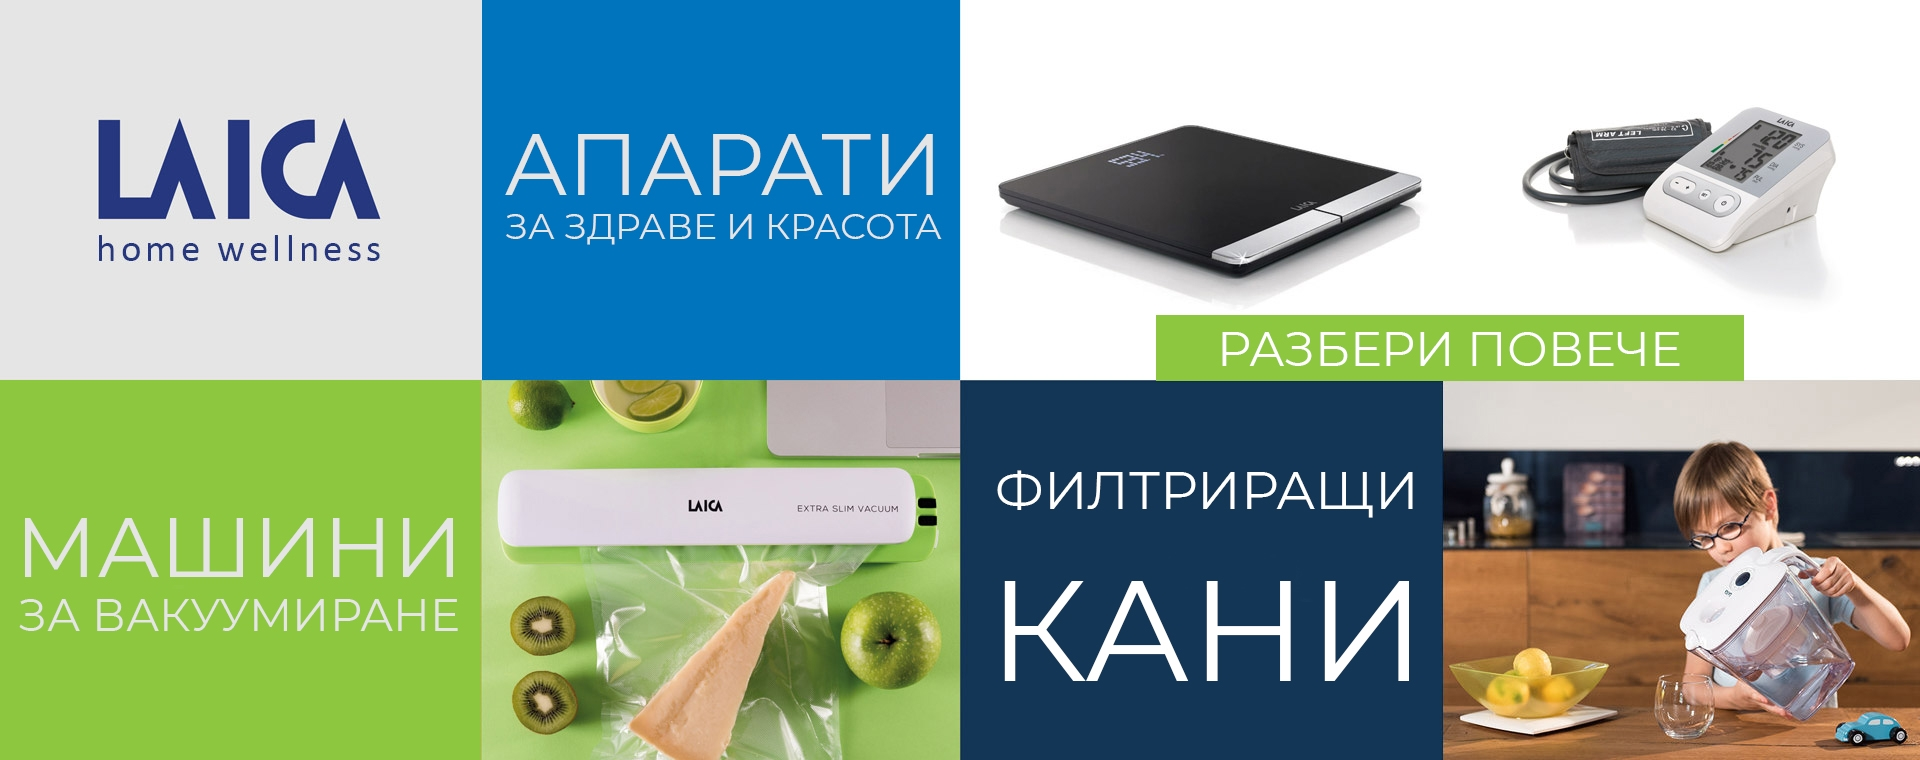 Качествени продукти на Италианската марка Laica